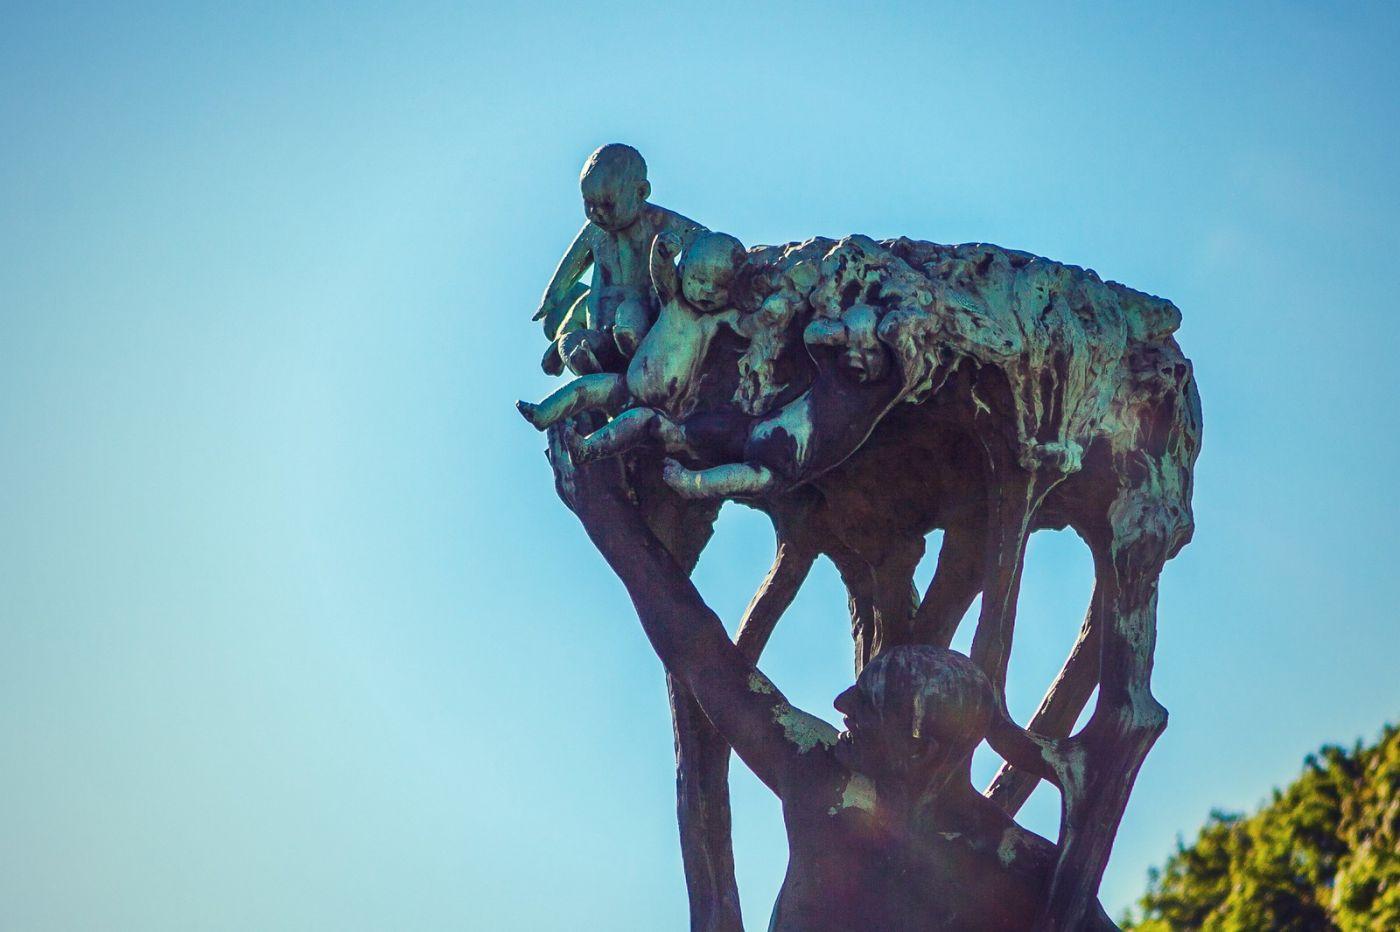 挪威维格兰雕塑公园,风格明显_图1-38